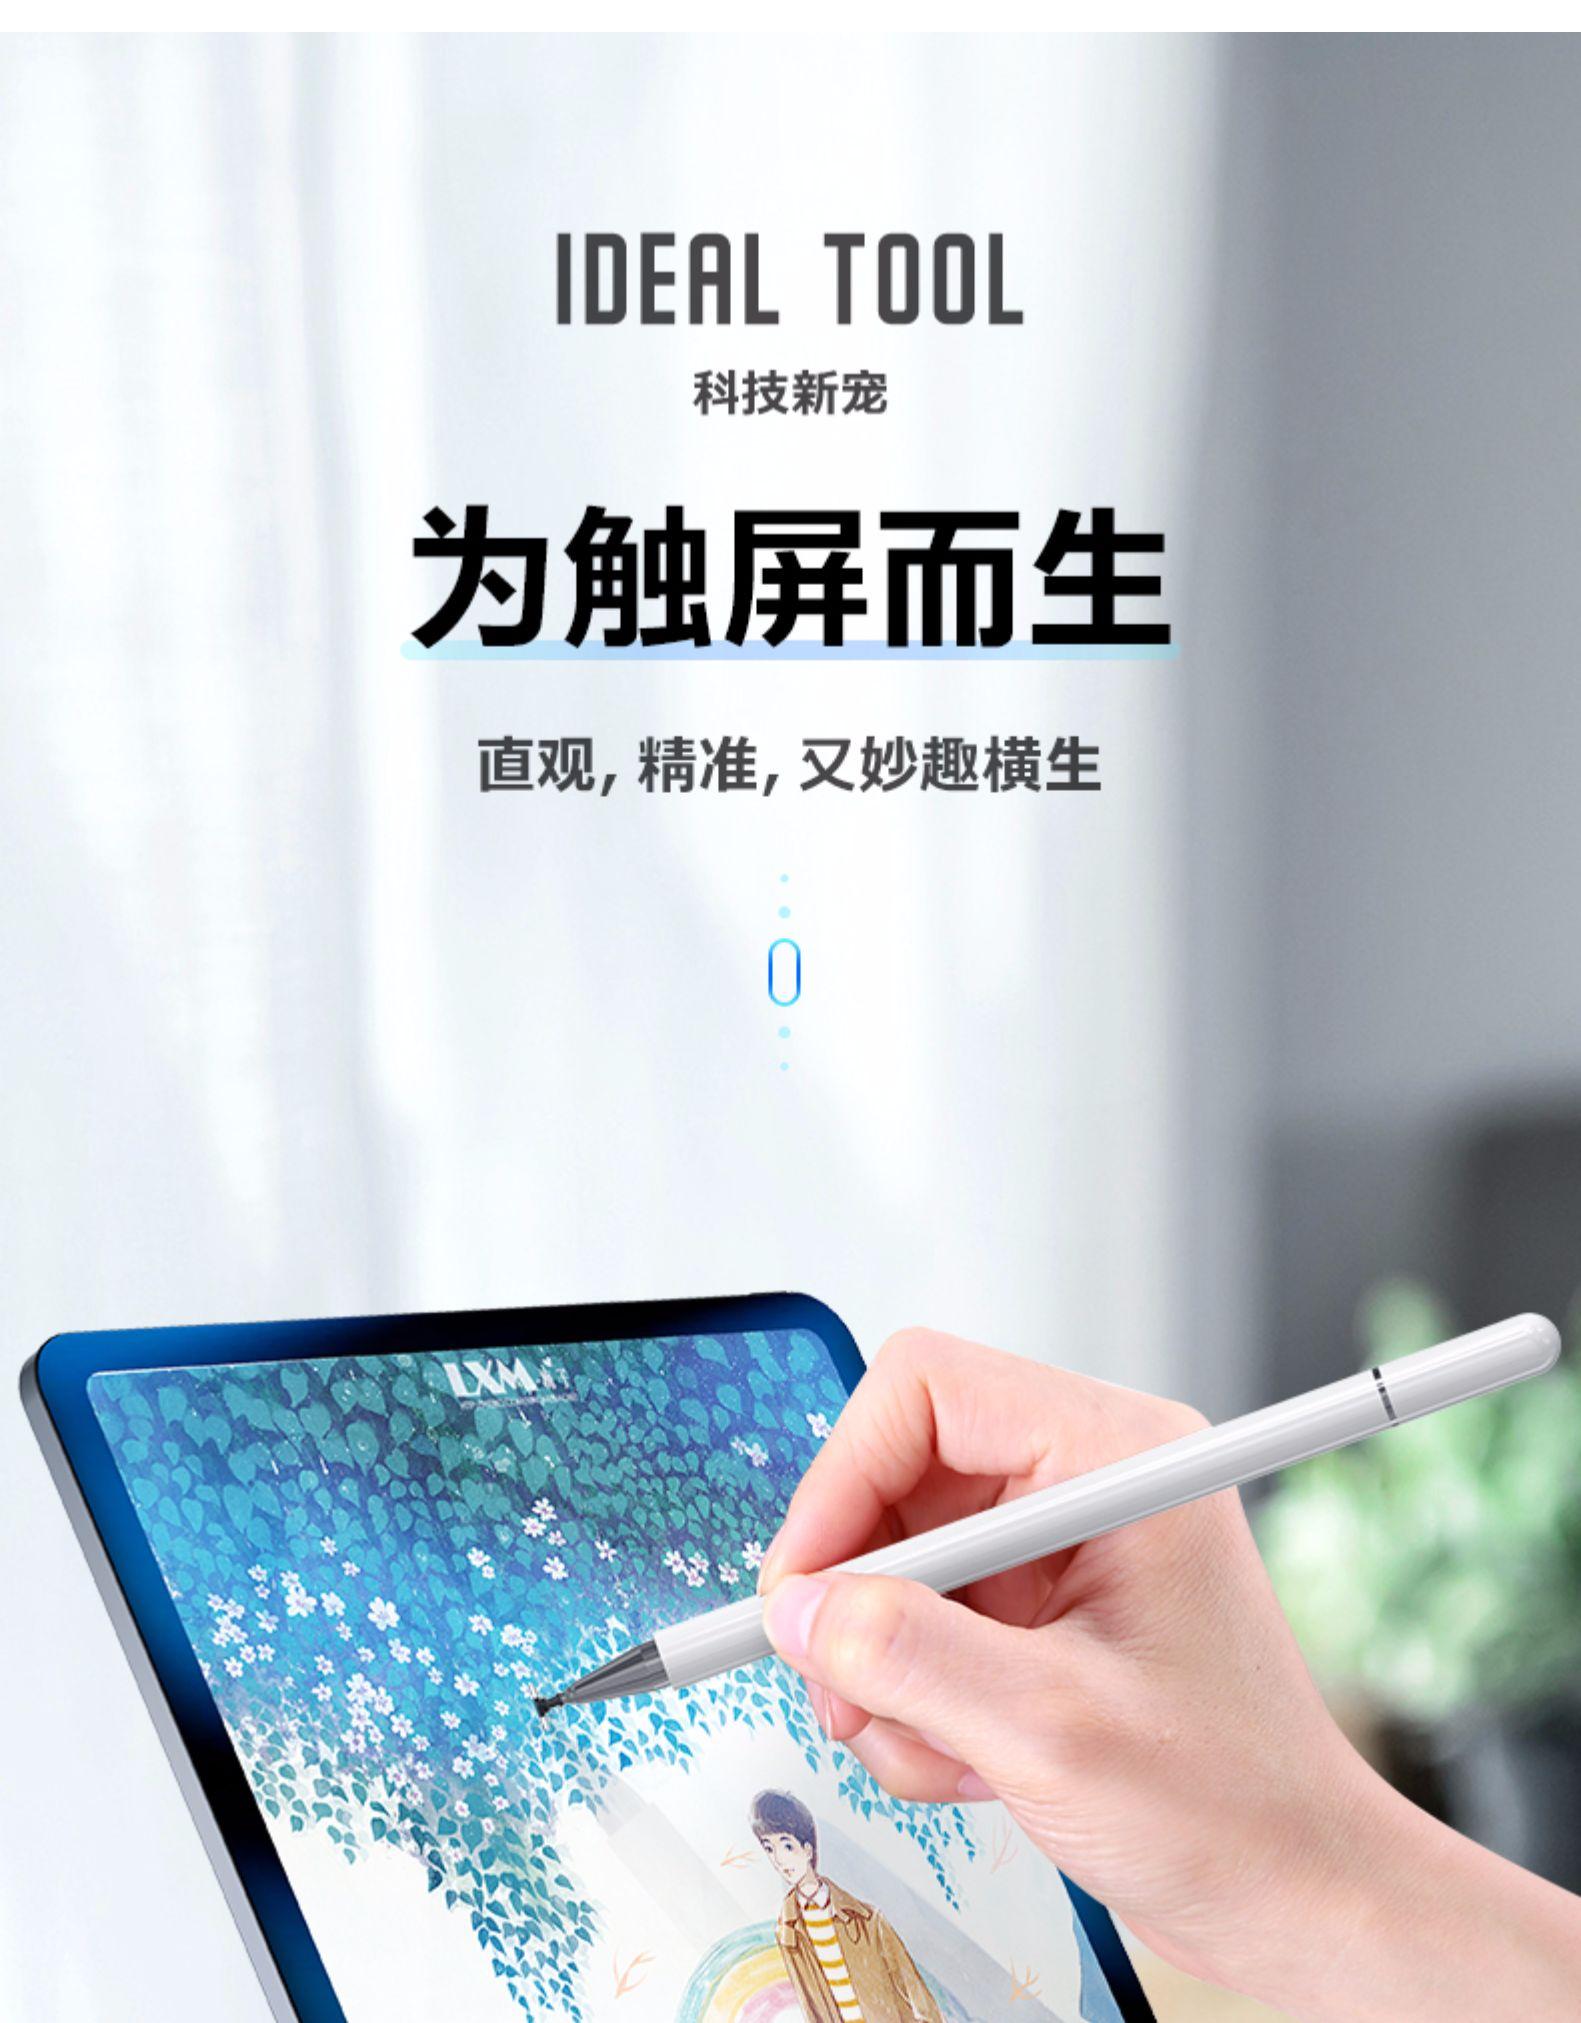 奢姿步步高家教机手写笔电容笔触控屏幕触控笔点读机专用平板电脑通用通用绘画详细照片